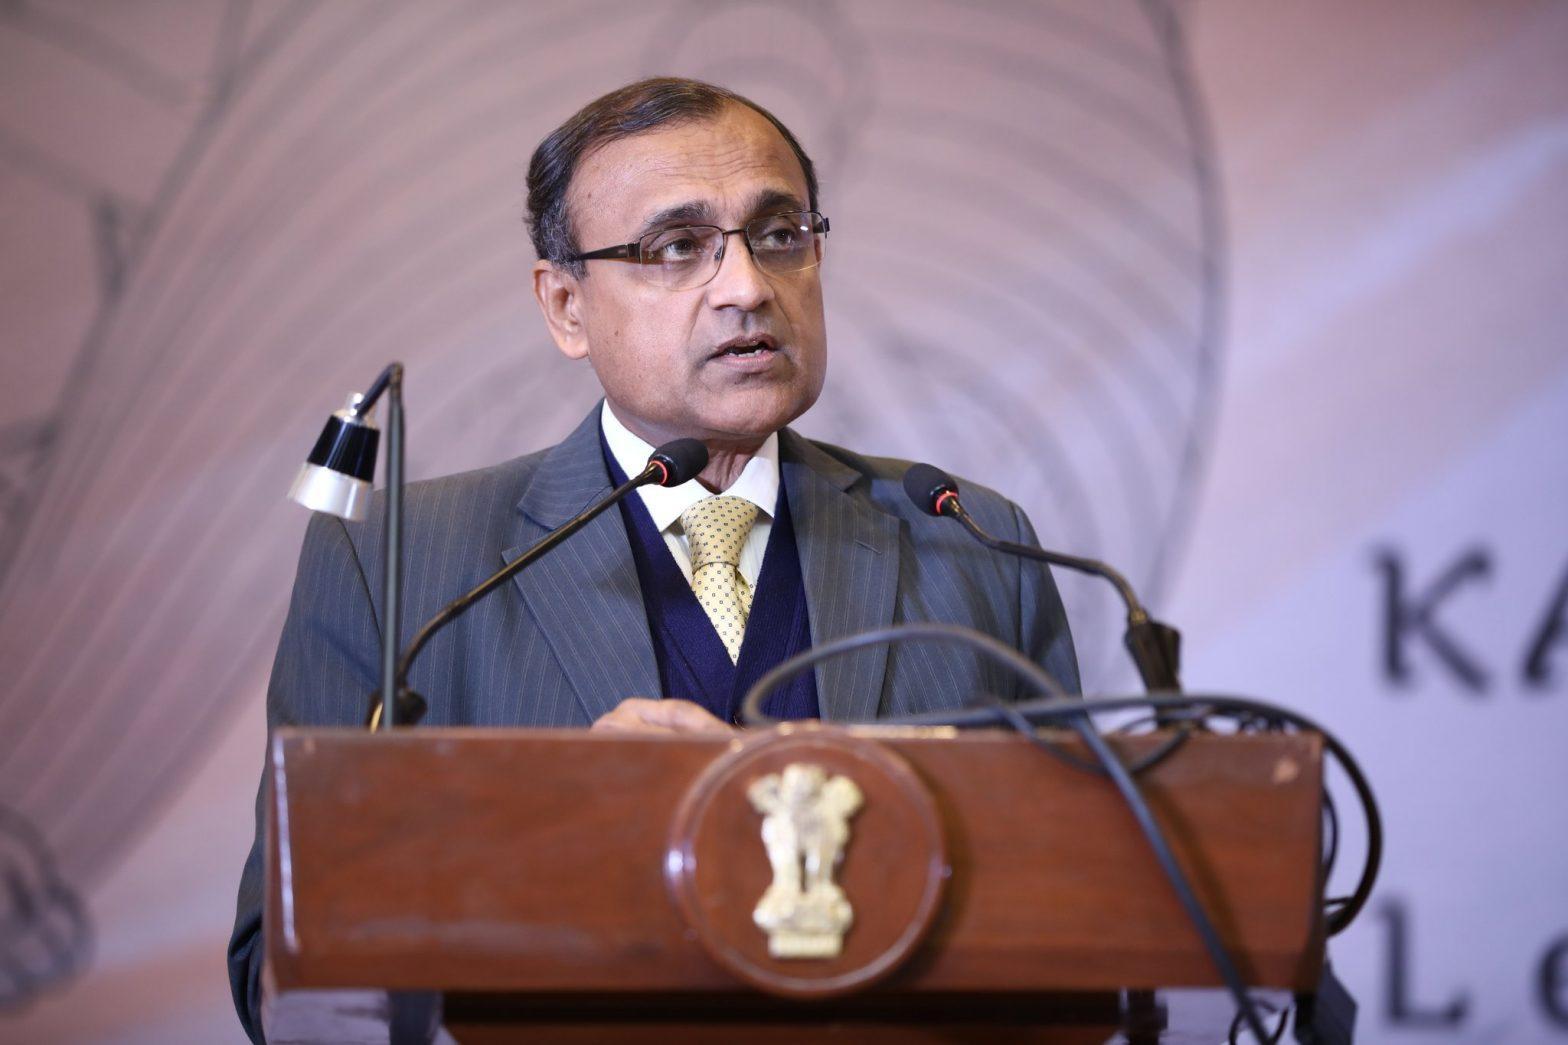 GoI appoints T.S. Tirumurti as next Ambassador of India to UN_40.1